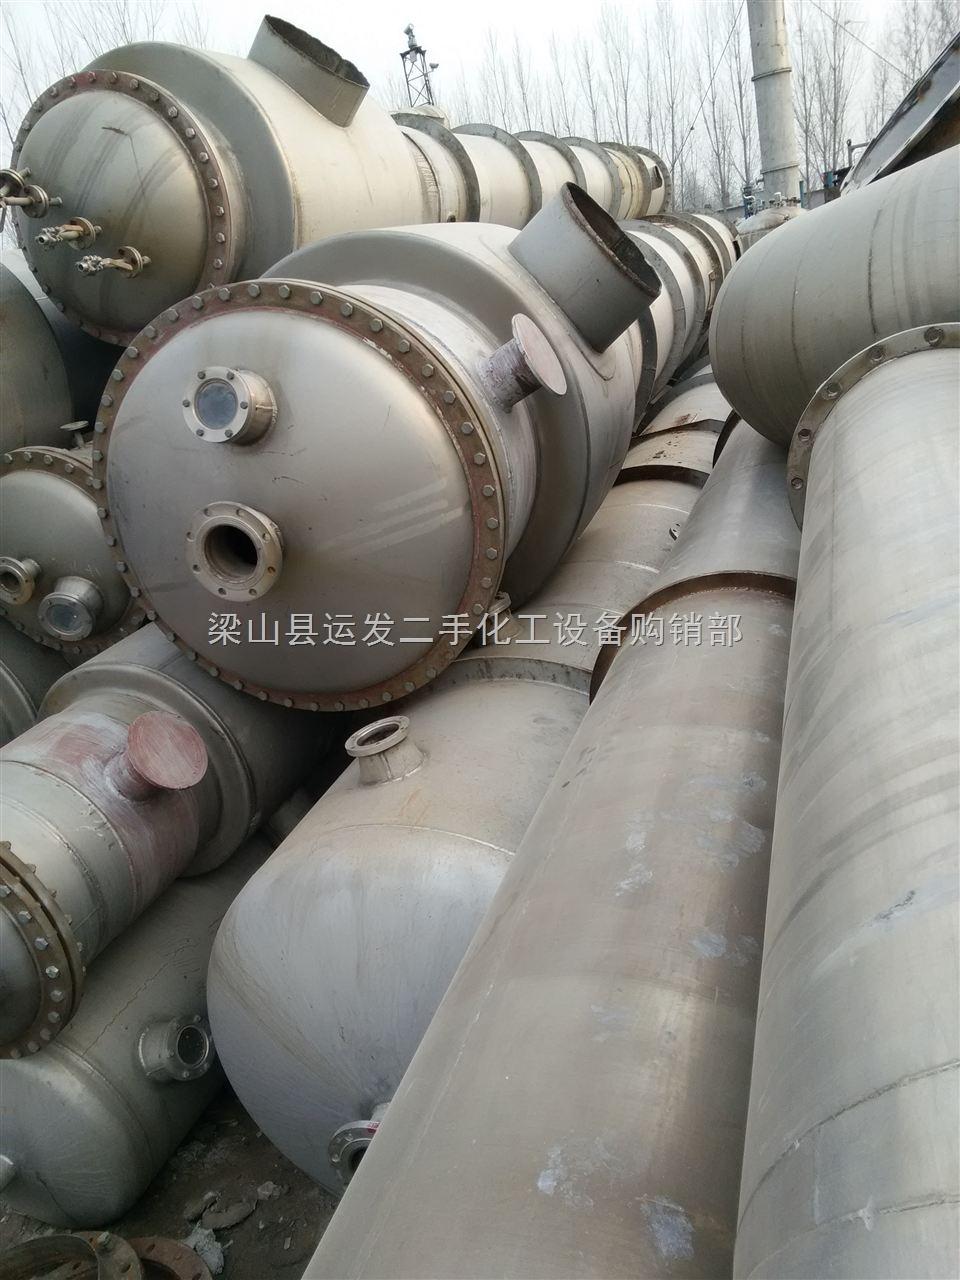 紧急出售二手10吨四效降膜蒸发器